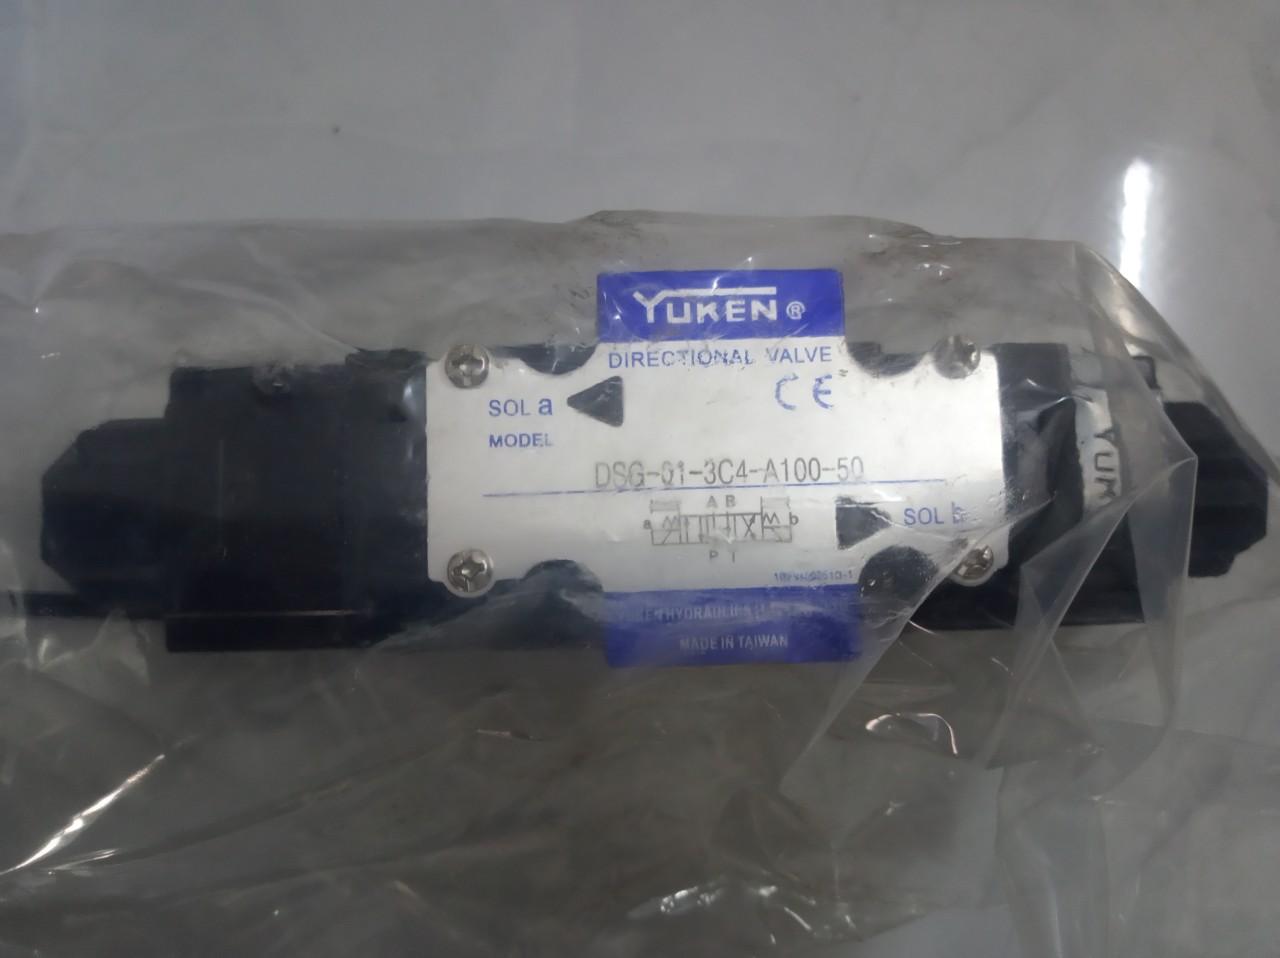 Van thủy lực YUKEN DSG-01-3C4-A100-50